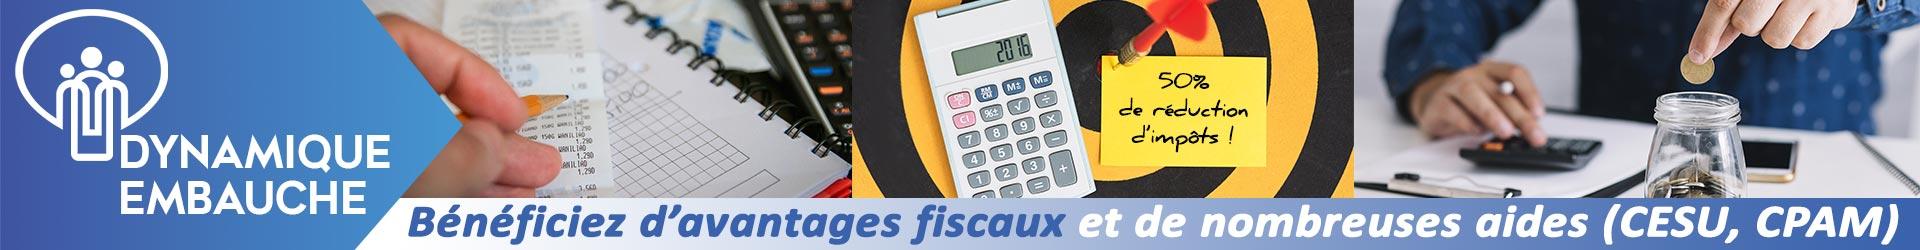 Bénéficiez d'avantages fiscaux et de nombreuses aides financières (CESU, CPAM, etc.)